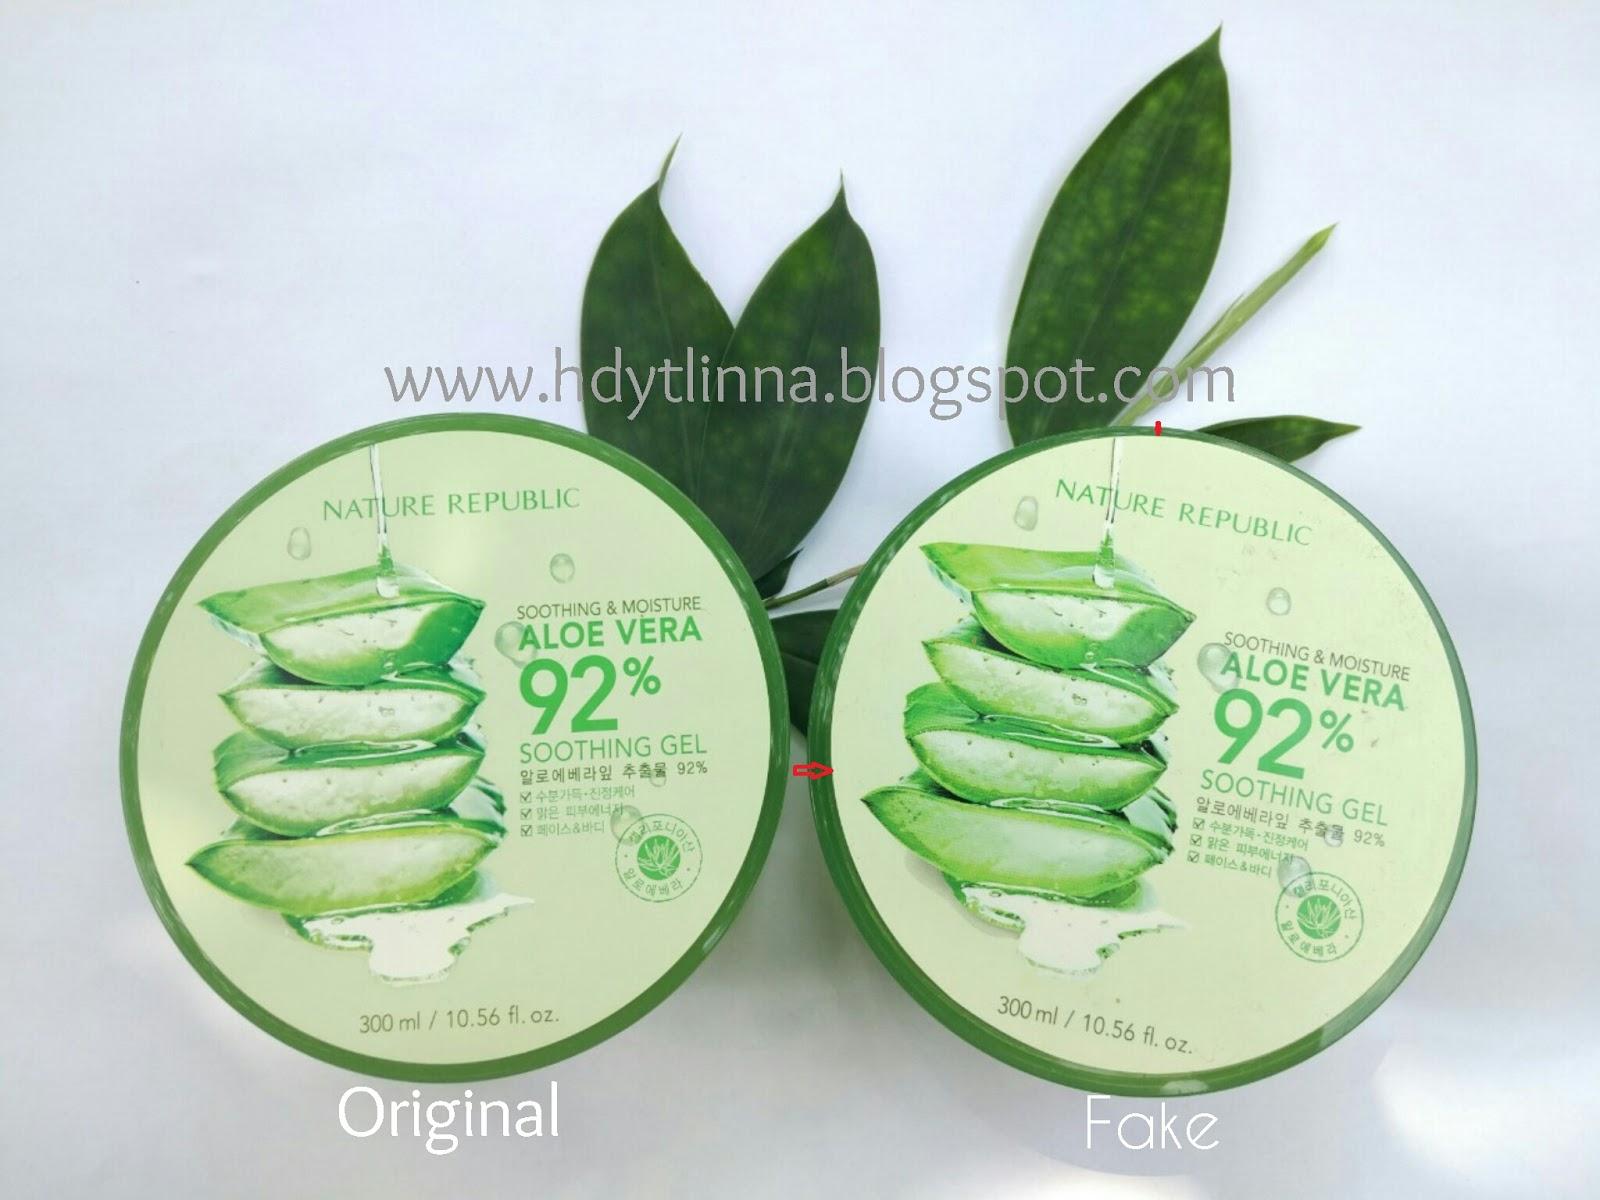 Ori Fake Ciri Nature Republic Aloevera 92 Soothing Gel Ada Embos Aloe Vera 300 Ml Tampak Depan